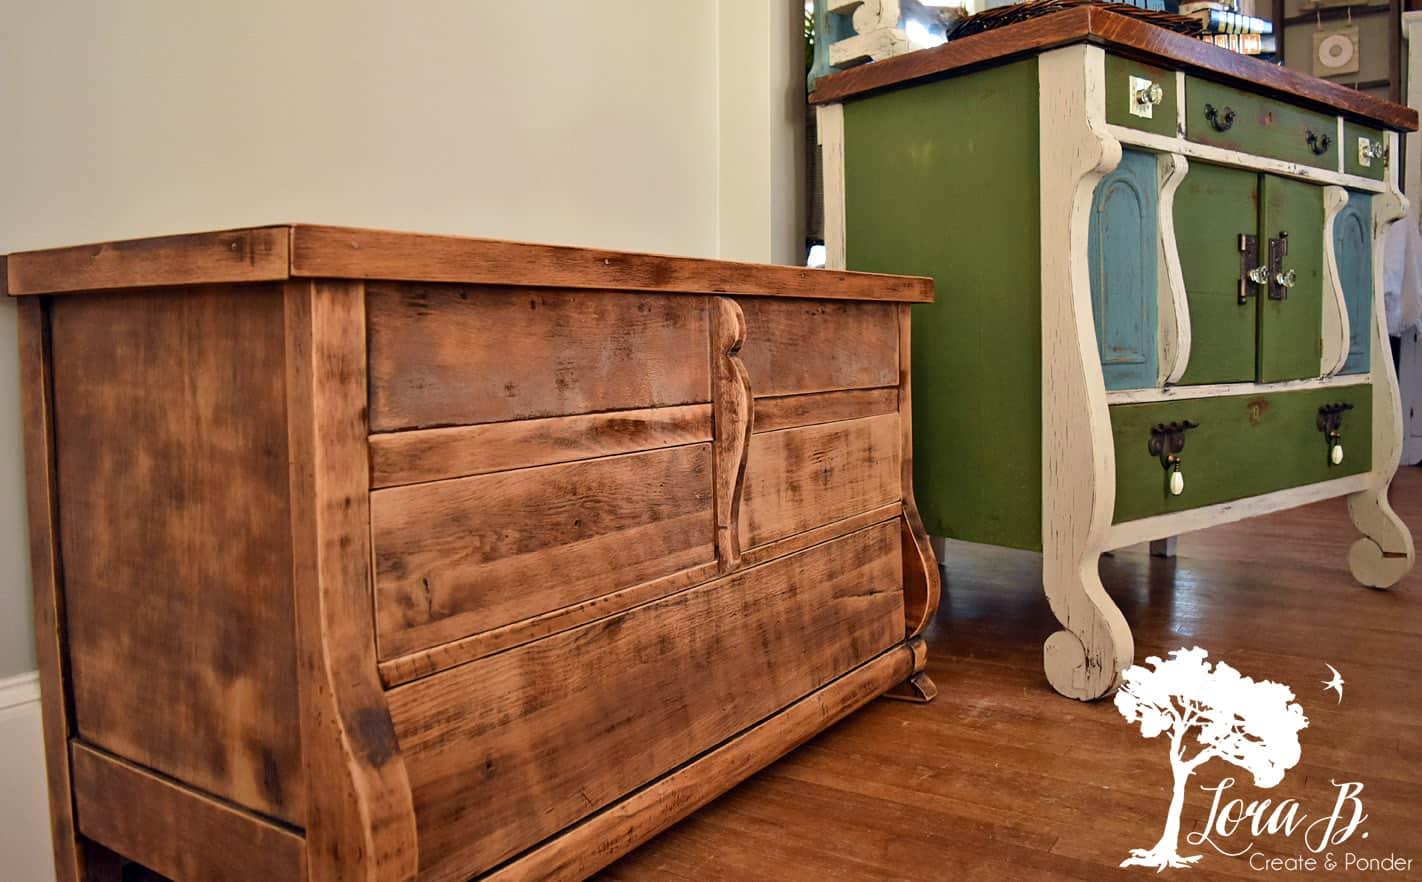 Empire details on vintage furniture.